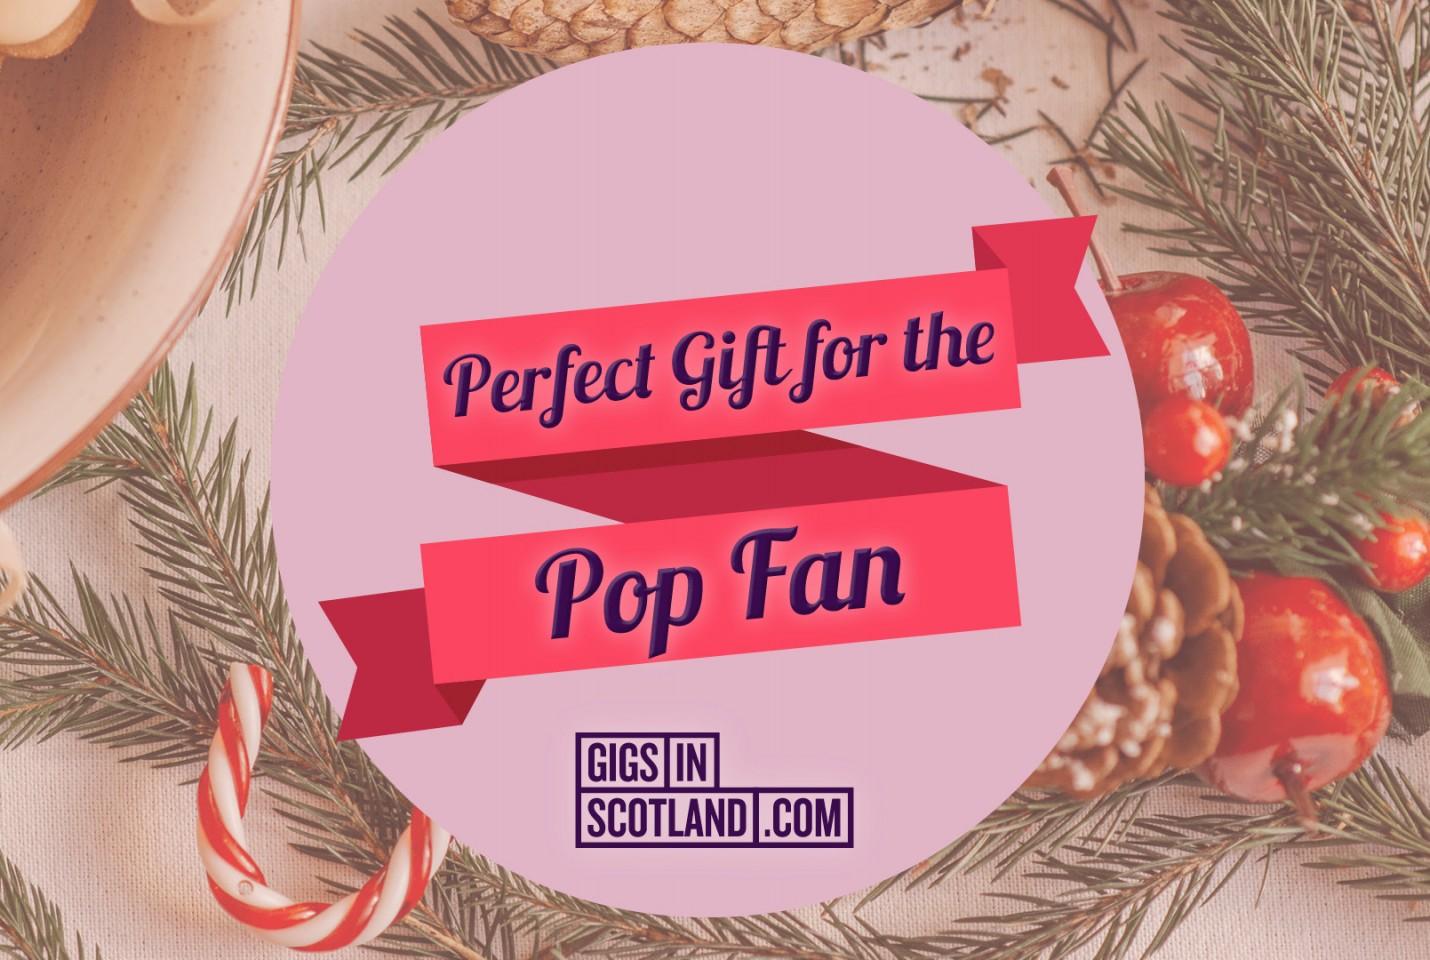 Pop Fan - Christmas Gift Guide 2020